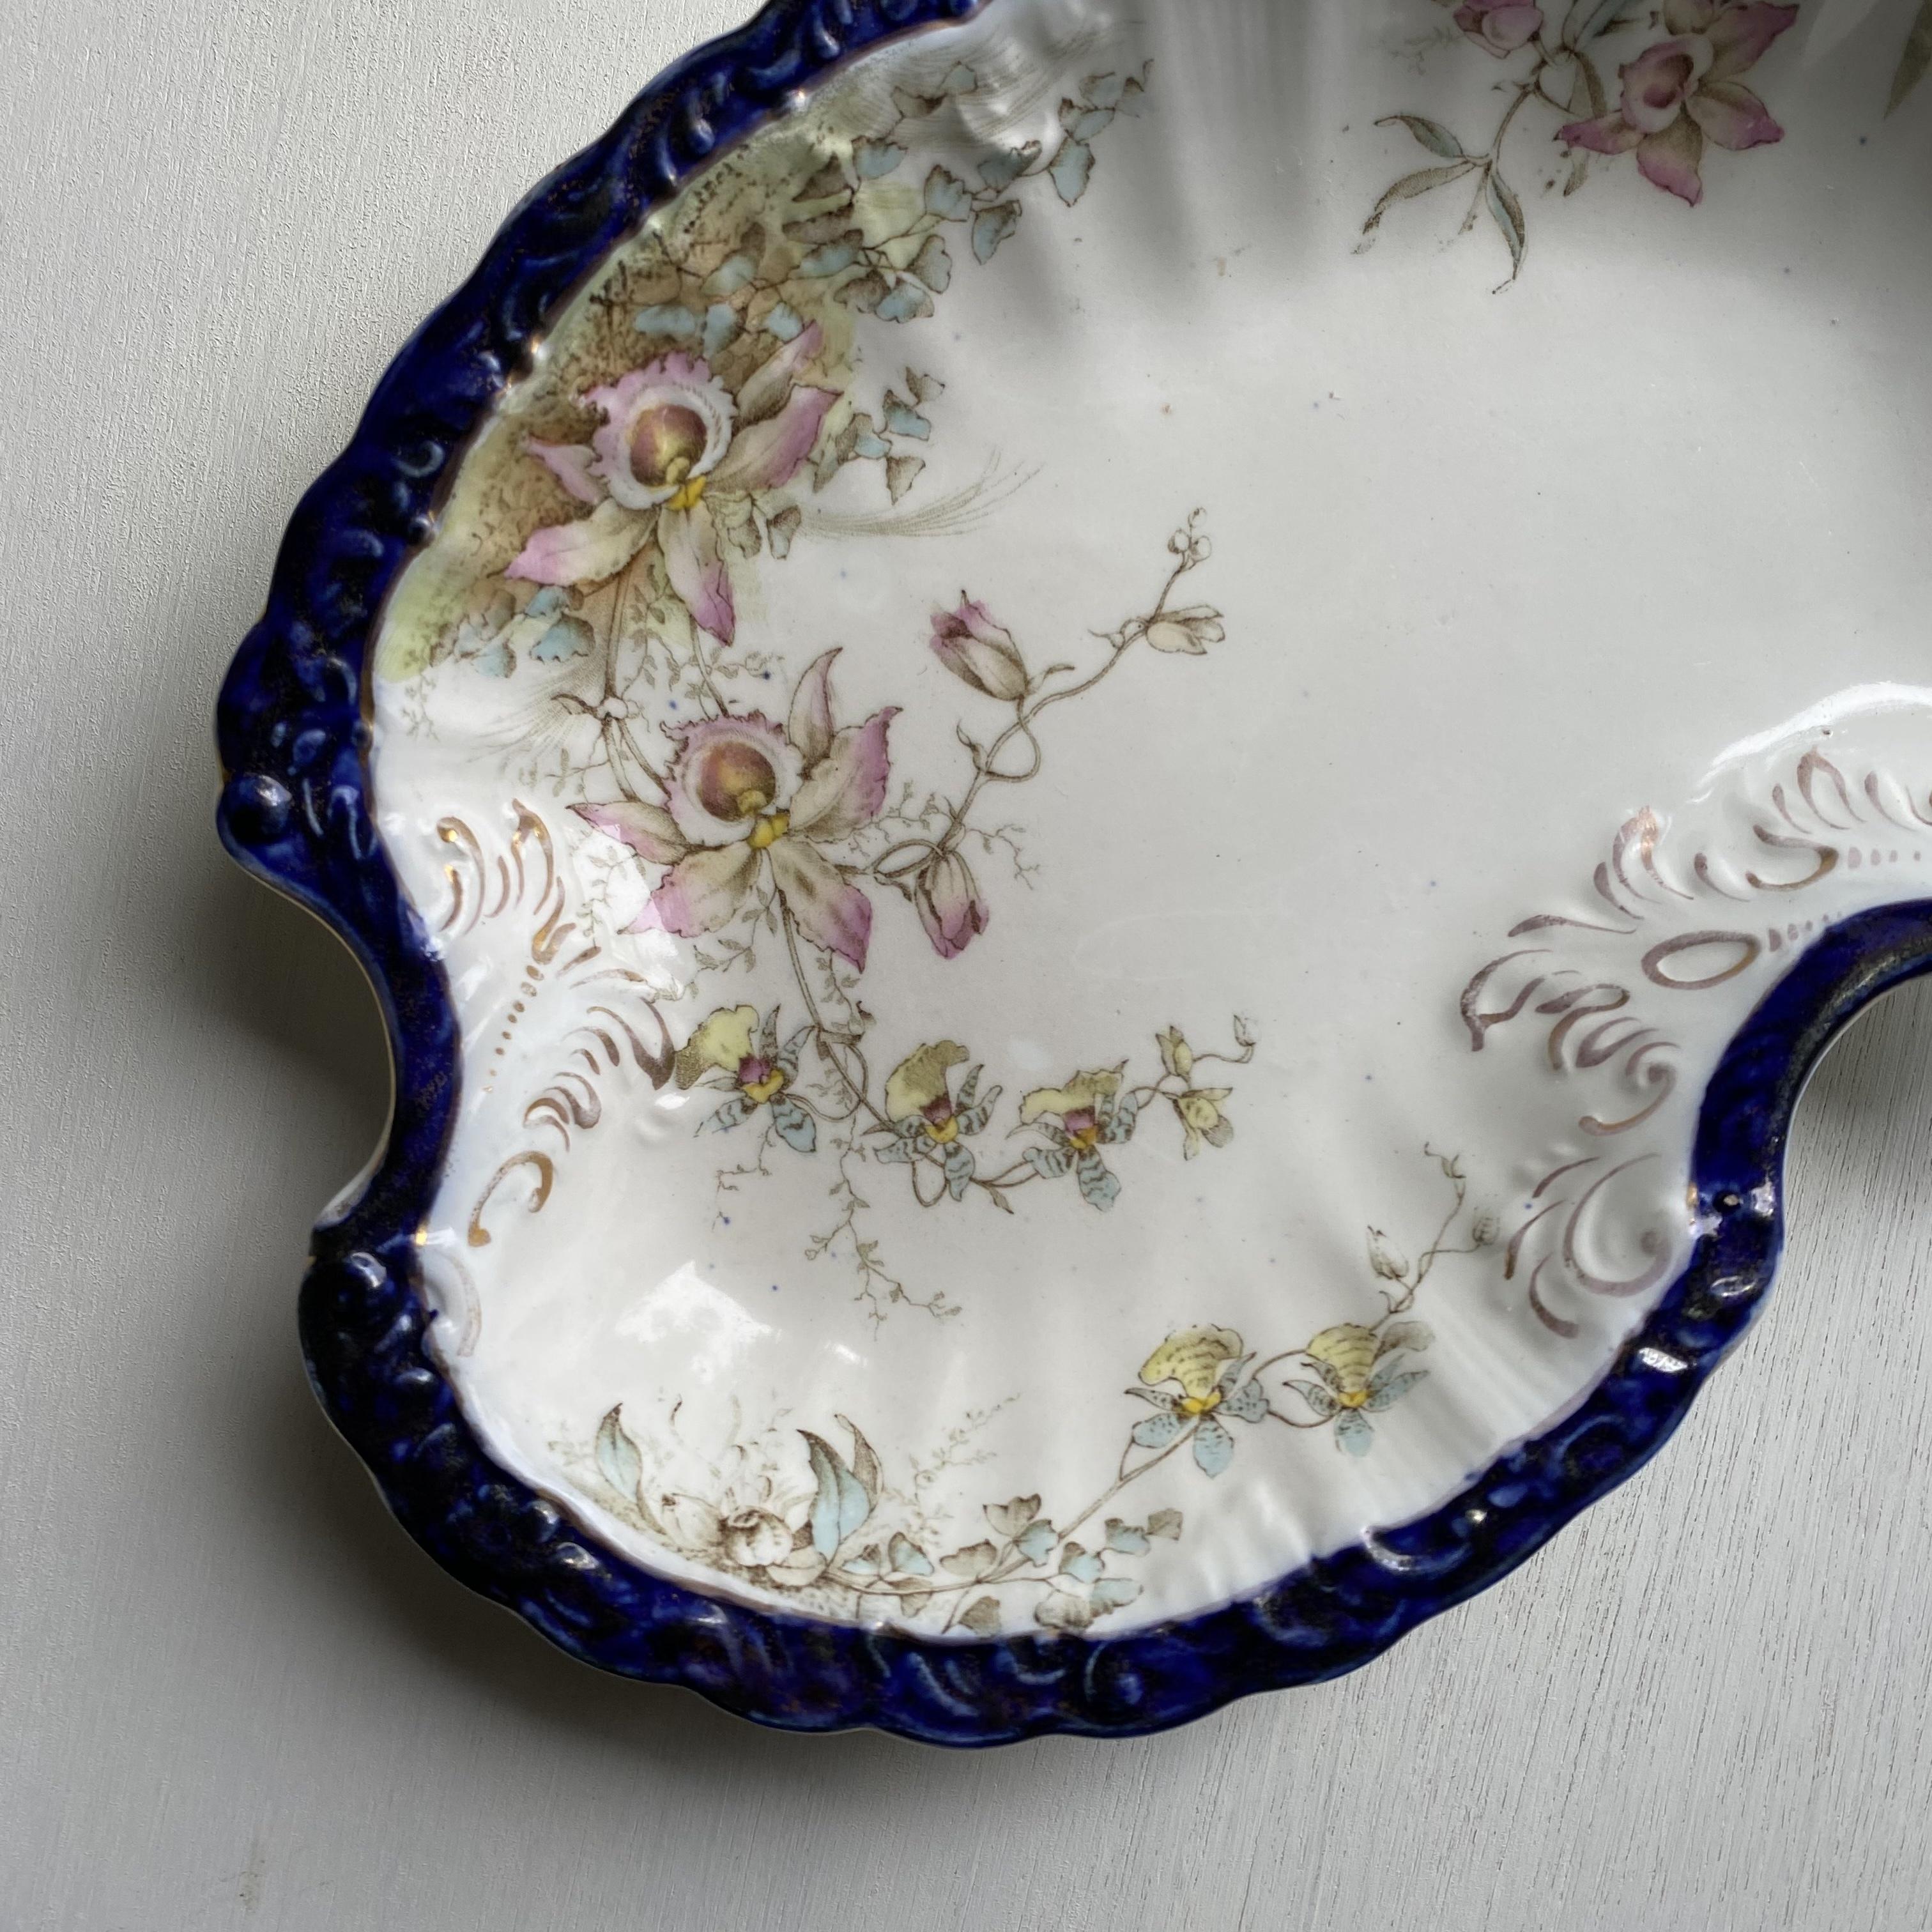 蘭が描かれた独特なお皿